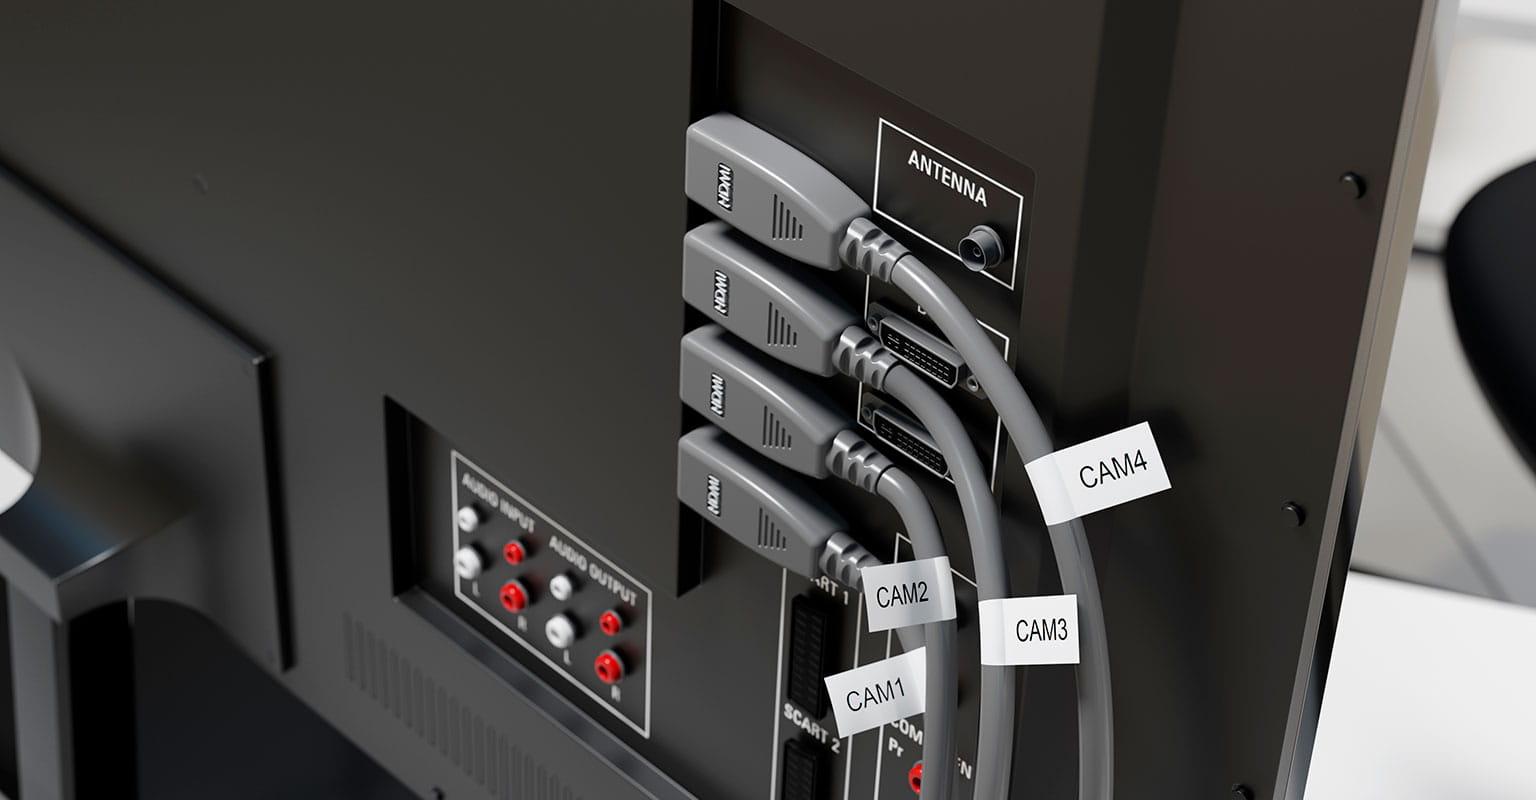 Etykiety Brother z elastycznym identyfikatorem owinięte wokół kabli wideo HDMI wchodzących do monitora